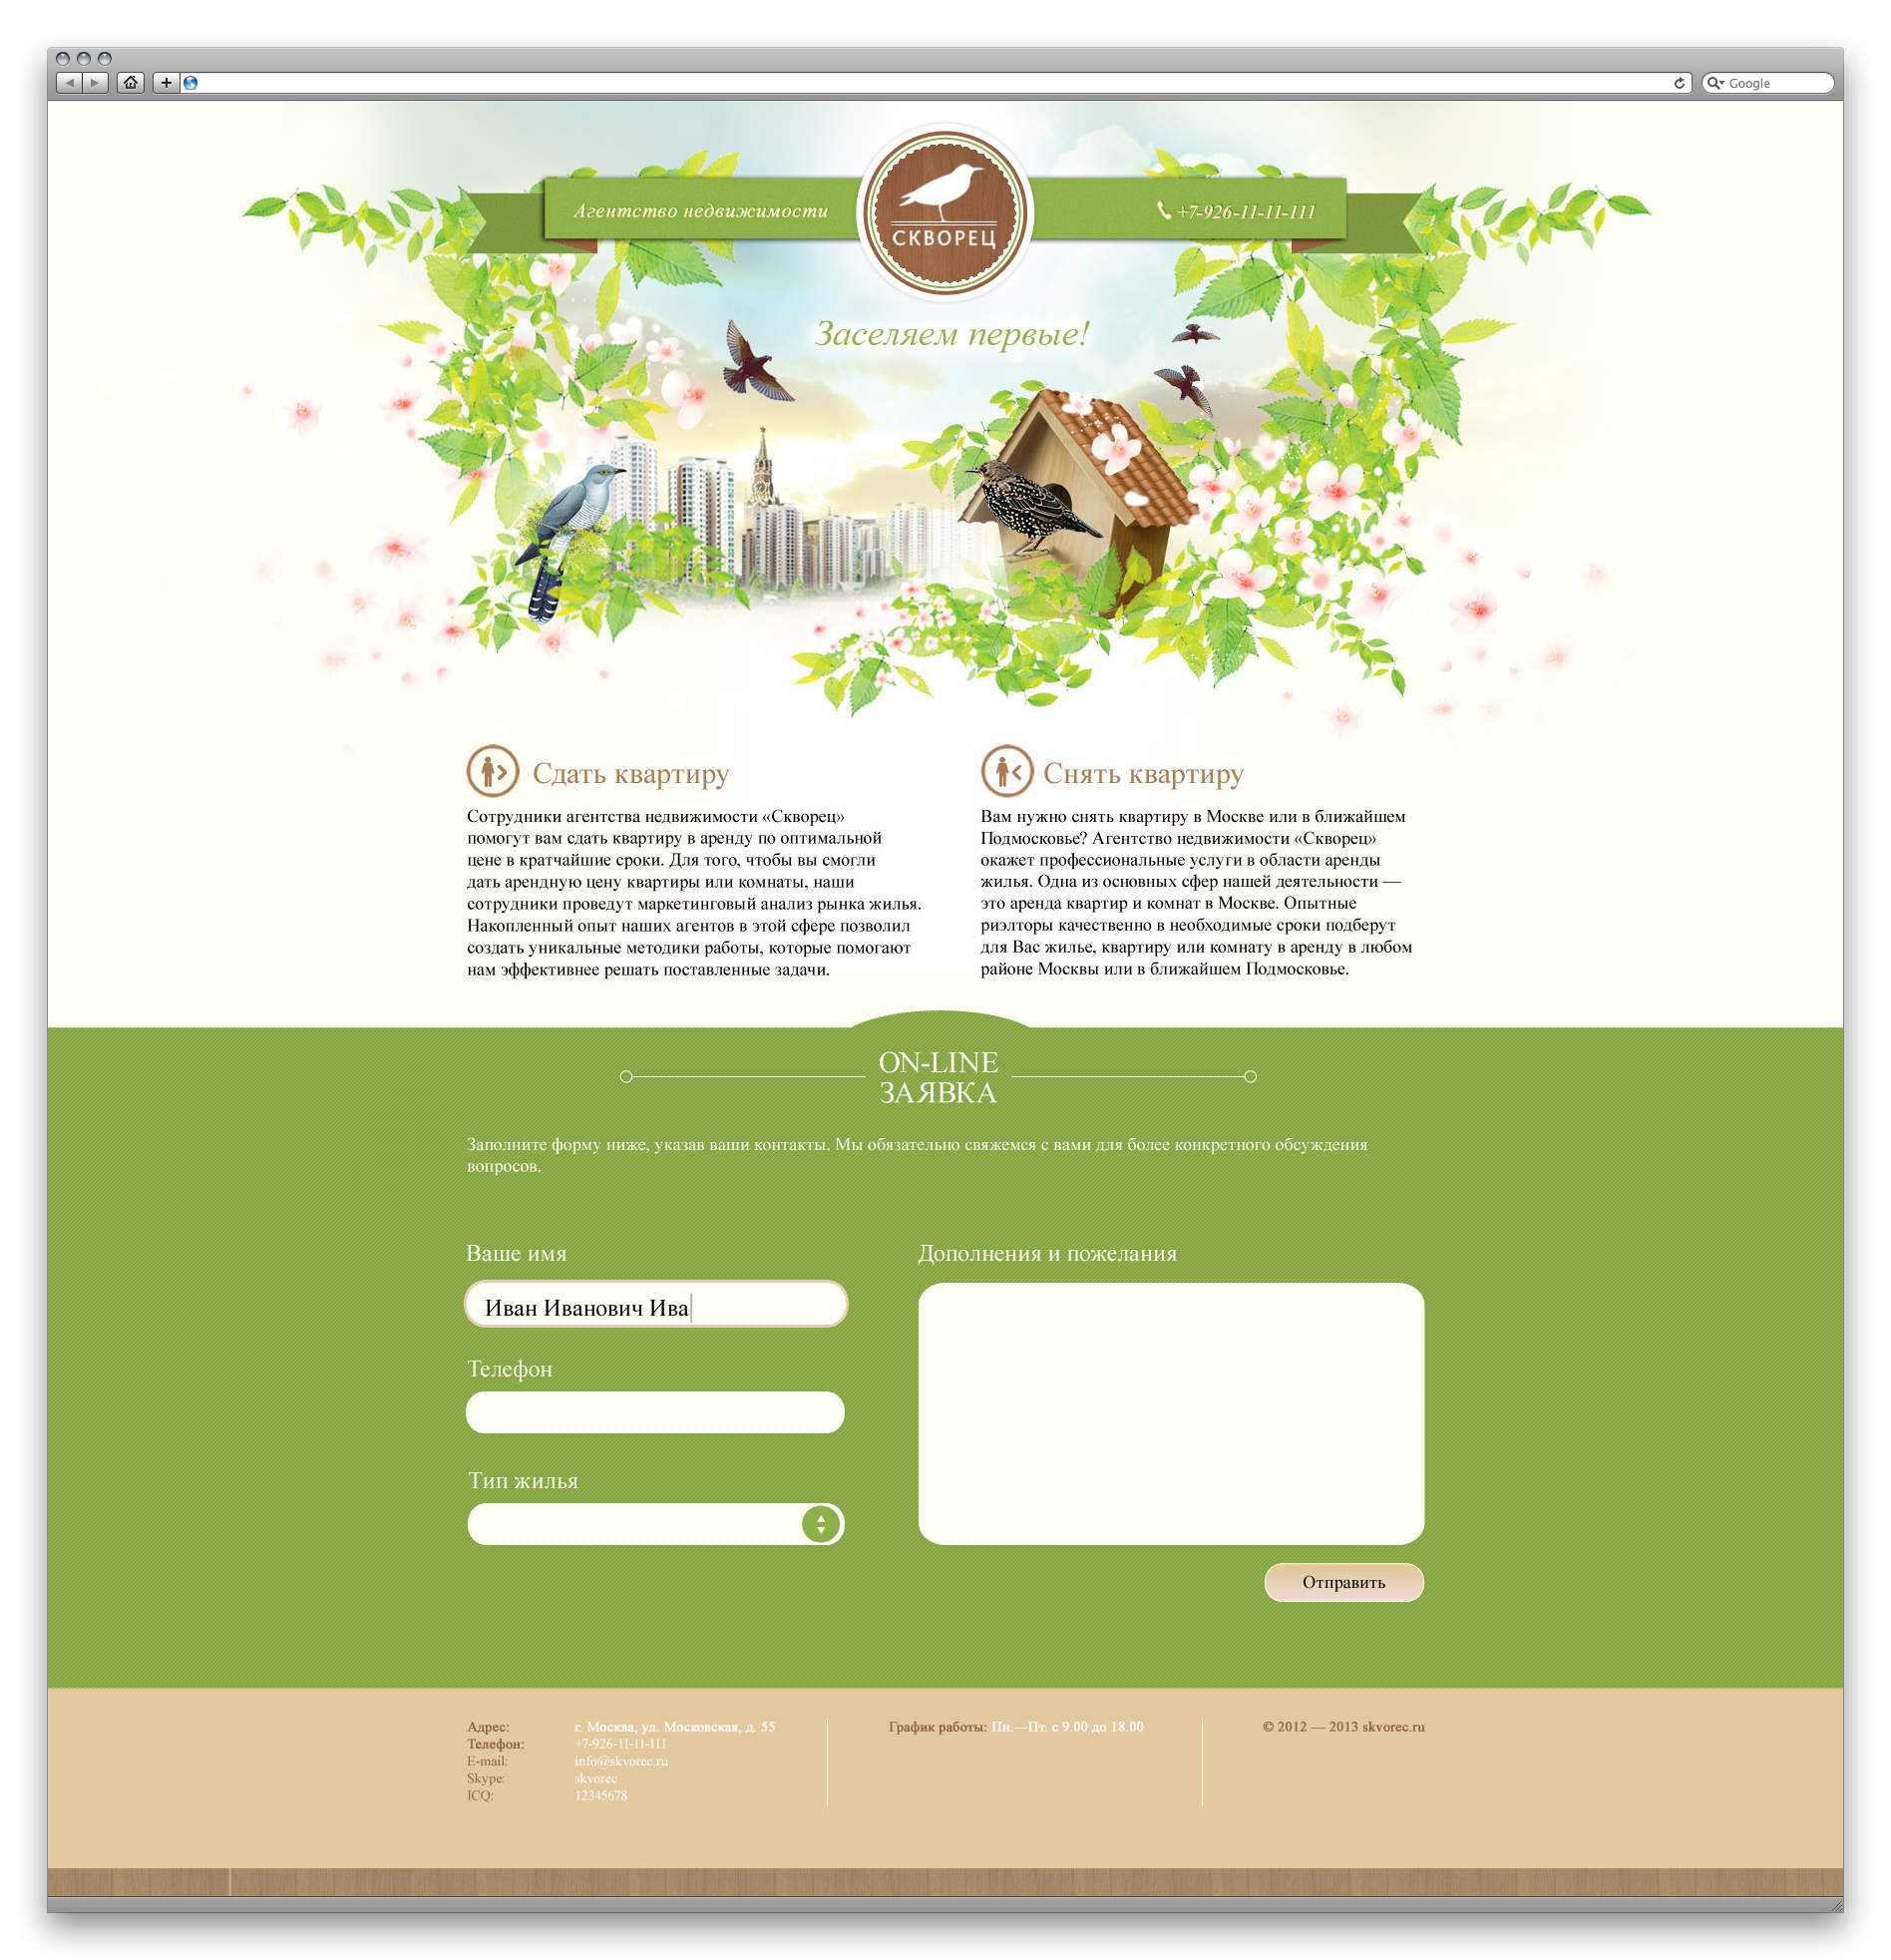 Дизайн главной страницы сайта фото f_504087f3e5d8b.png